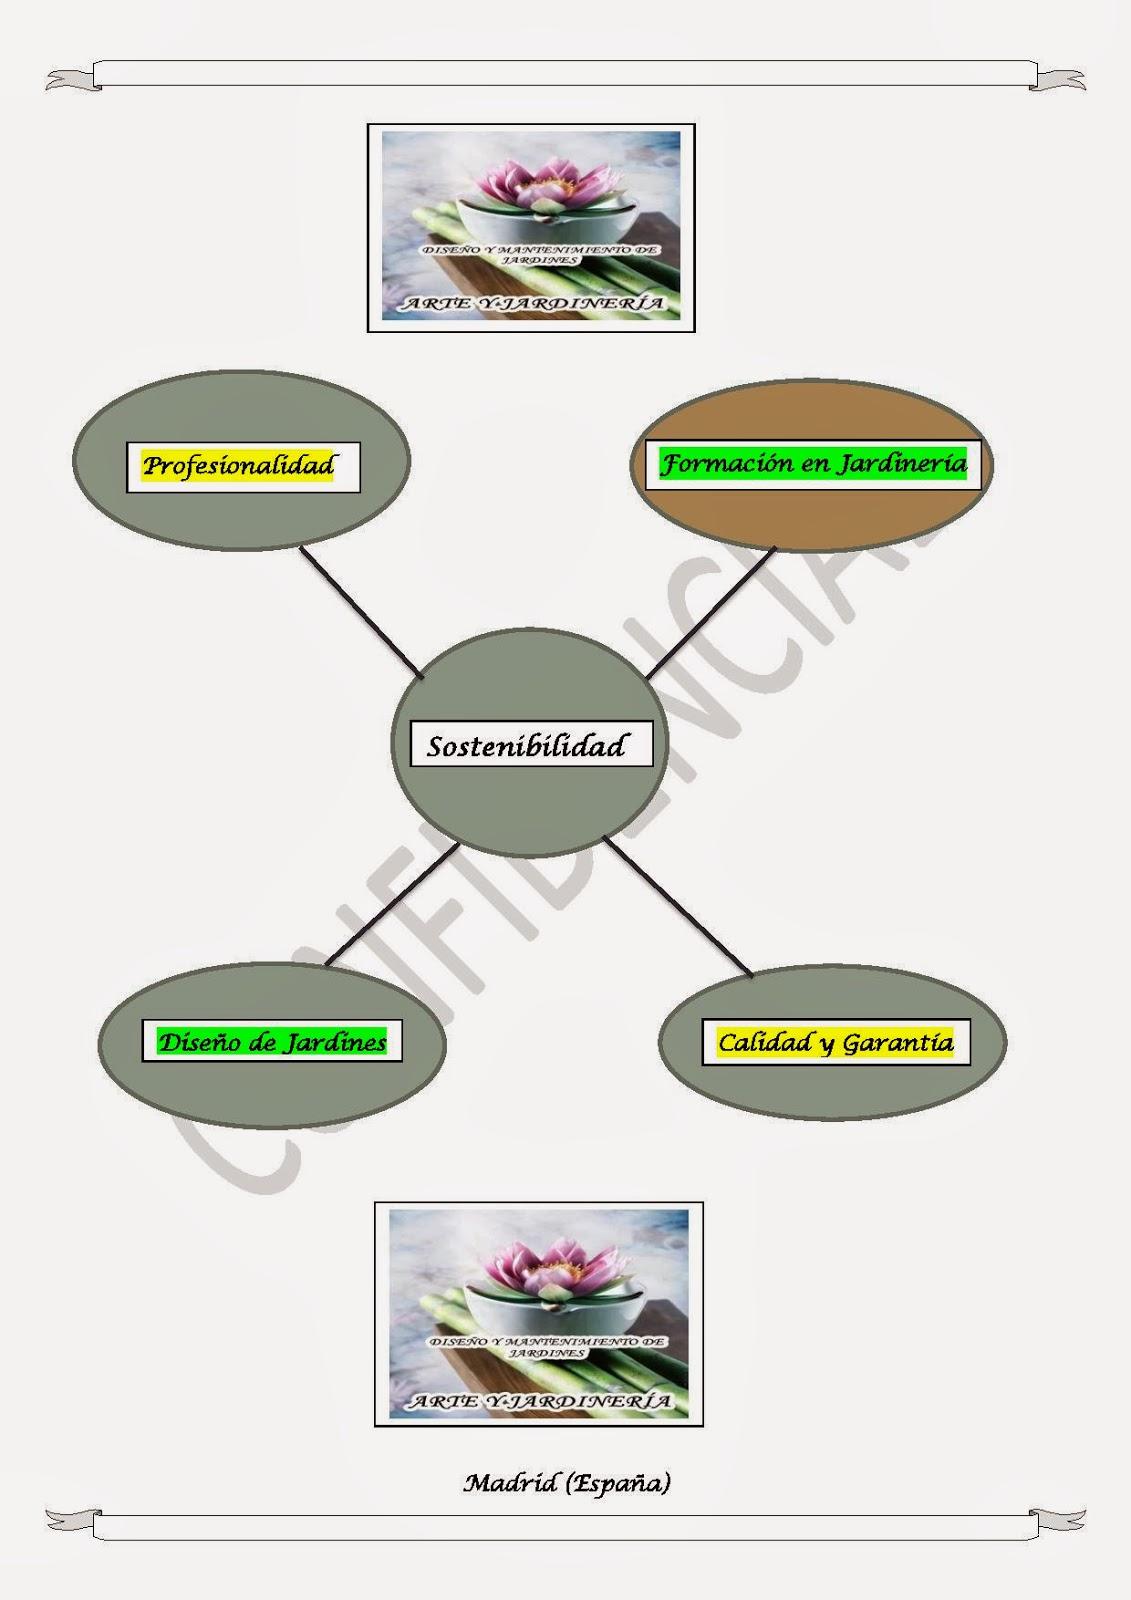 Arte y jardiner a empresa empresa de jardiner a en madrid - Trabajo de jardineria en madrid ...